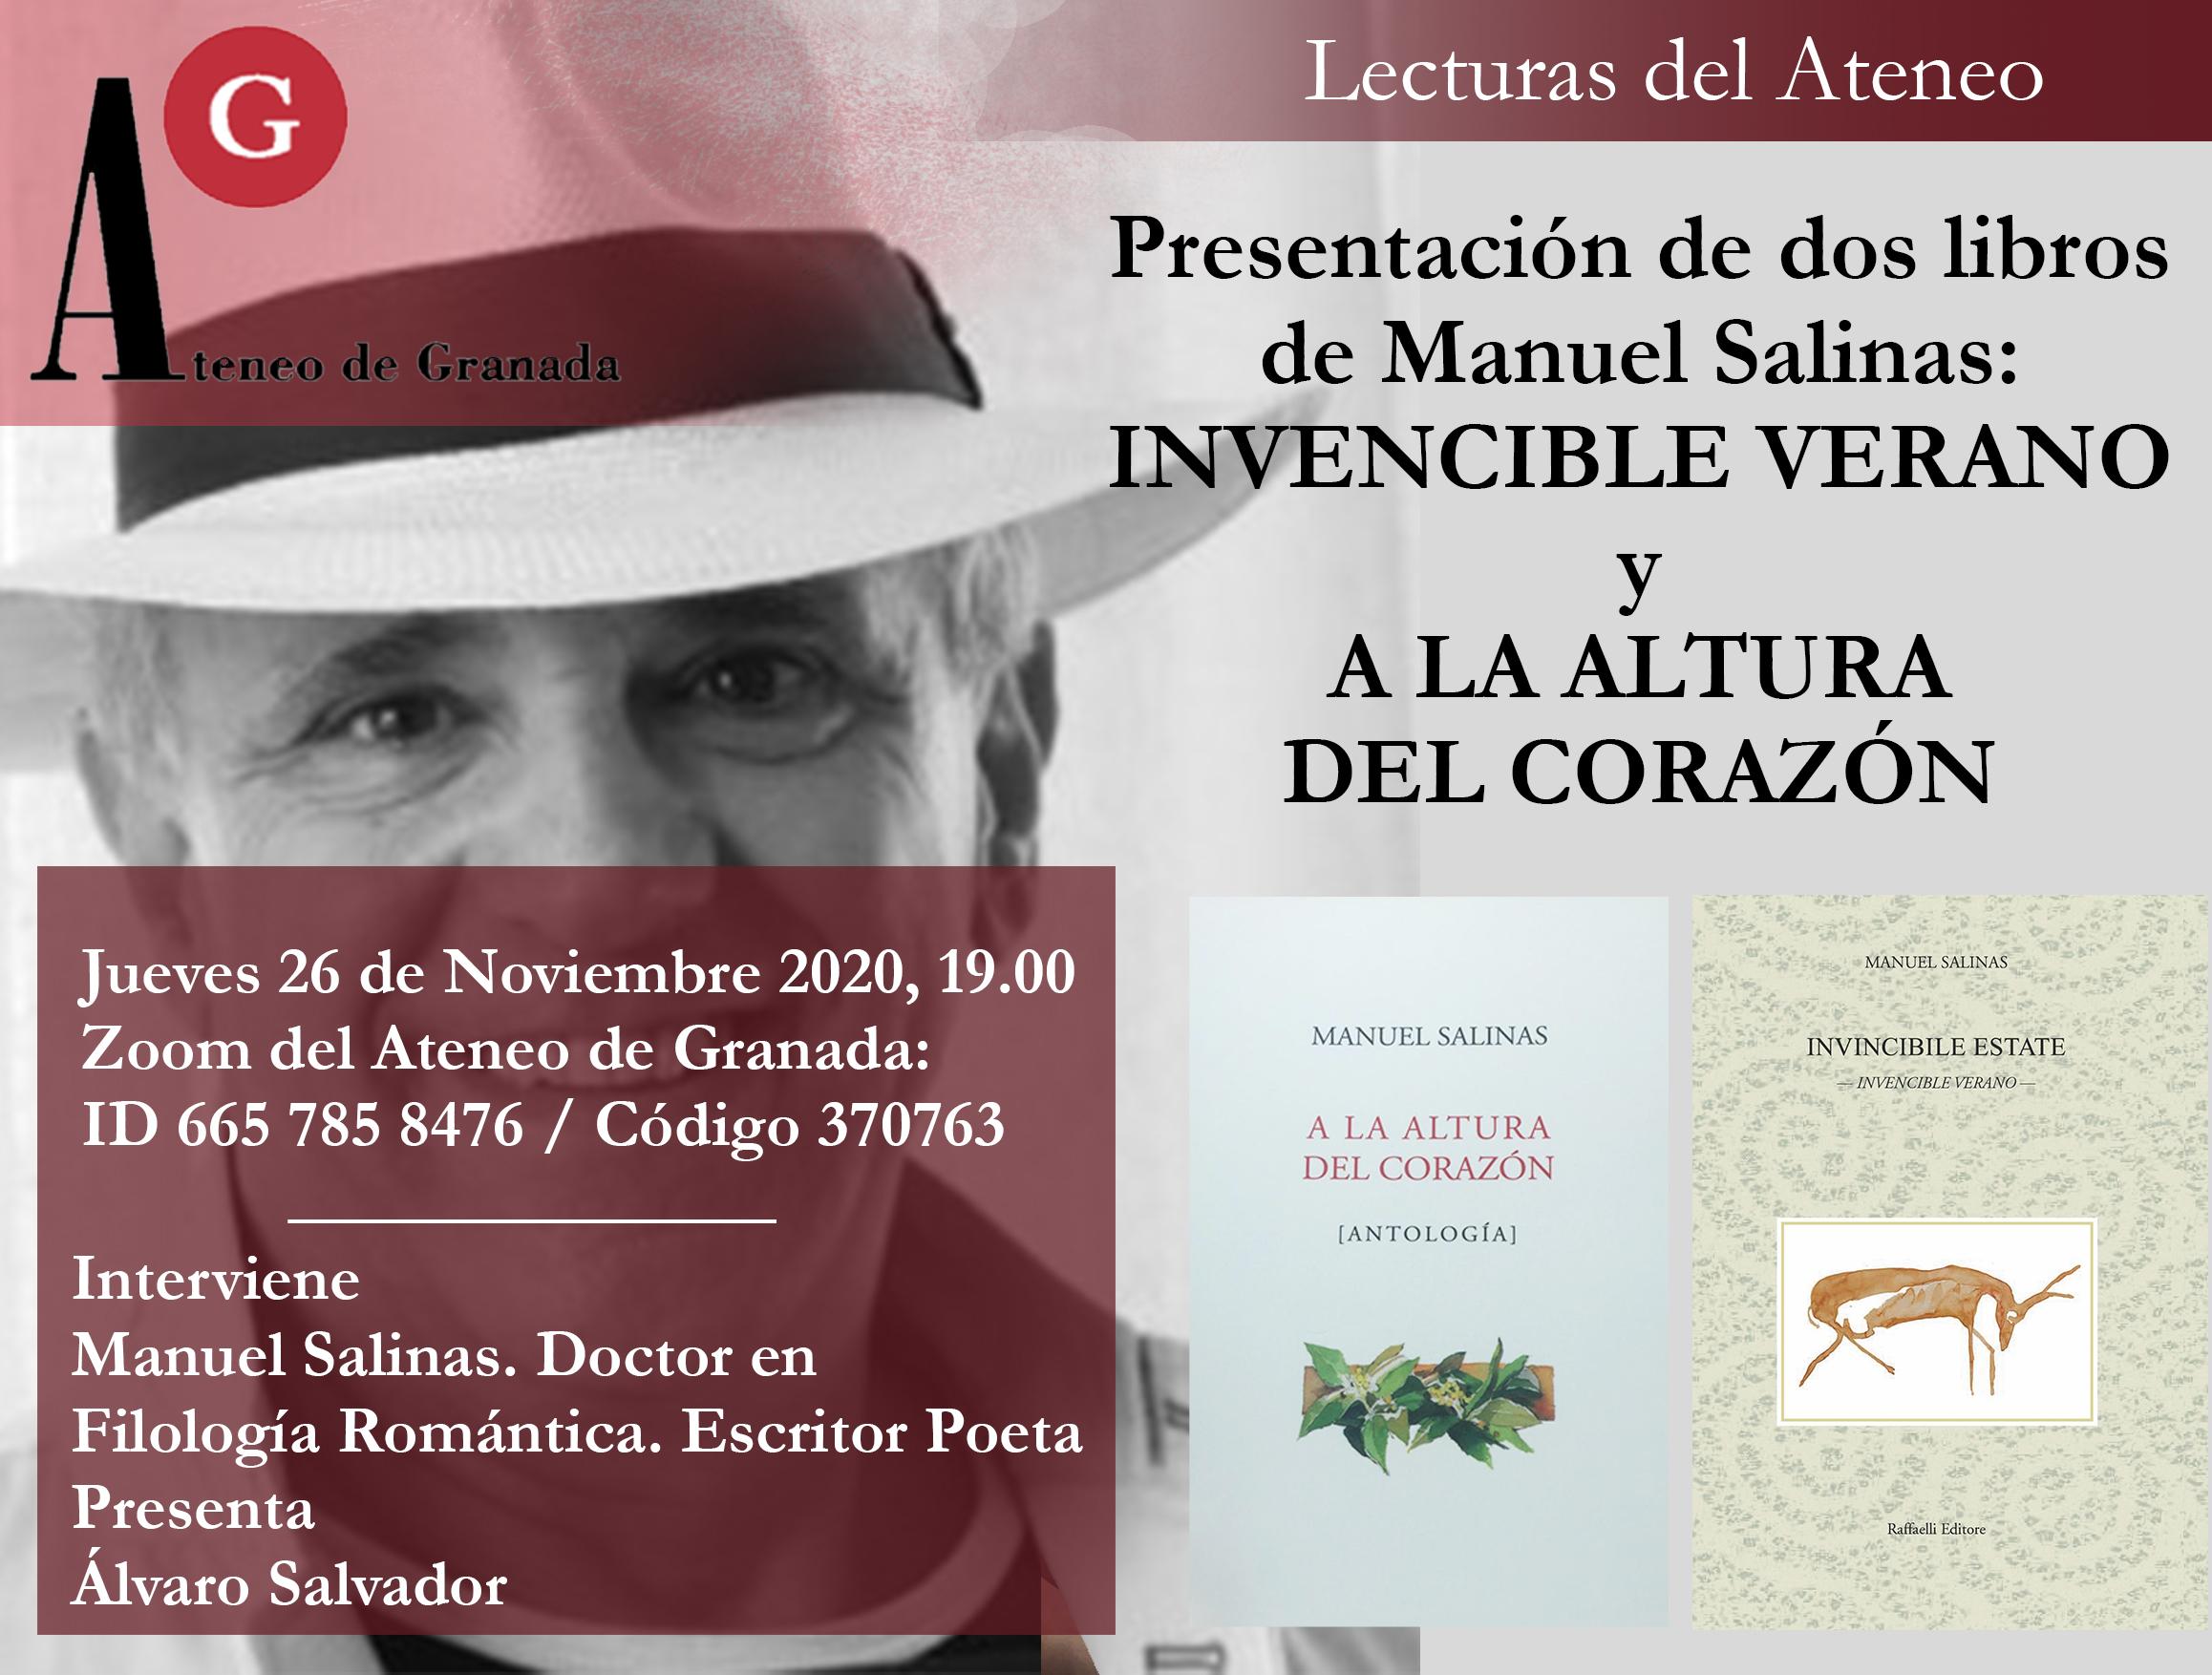 Presentación de dos libros Manuel Salinas: Invencible Verano y A la Altura del Corazón